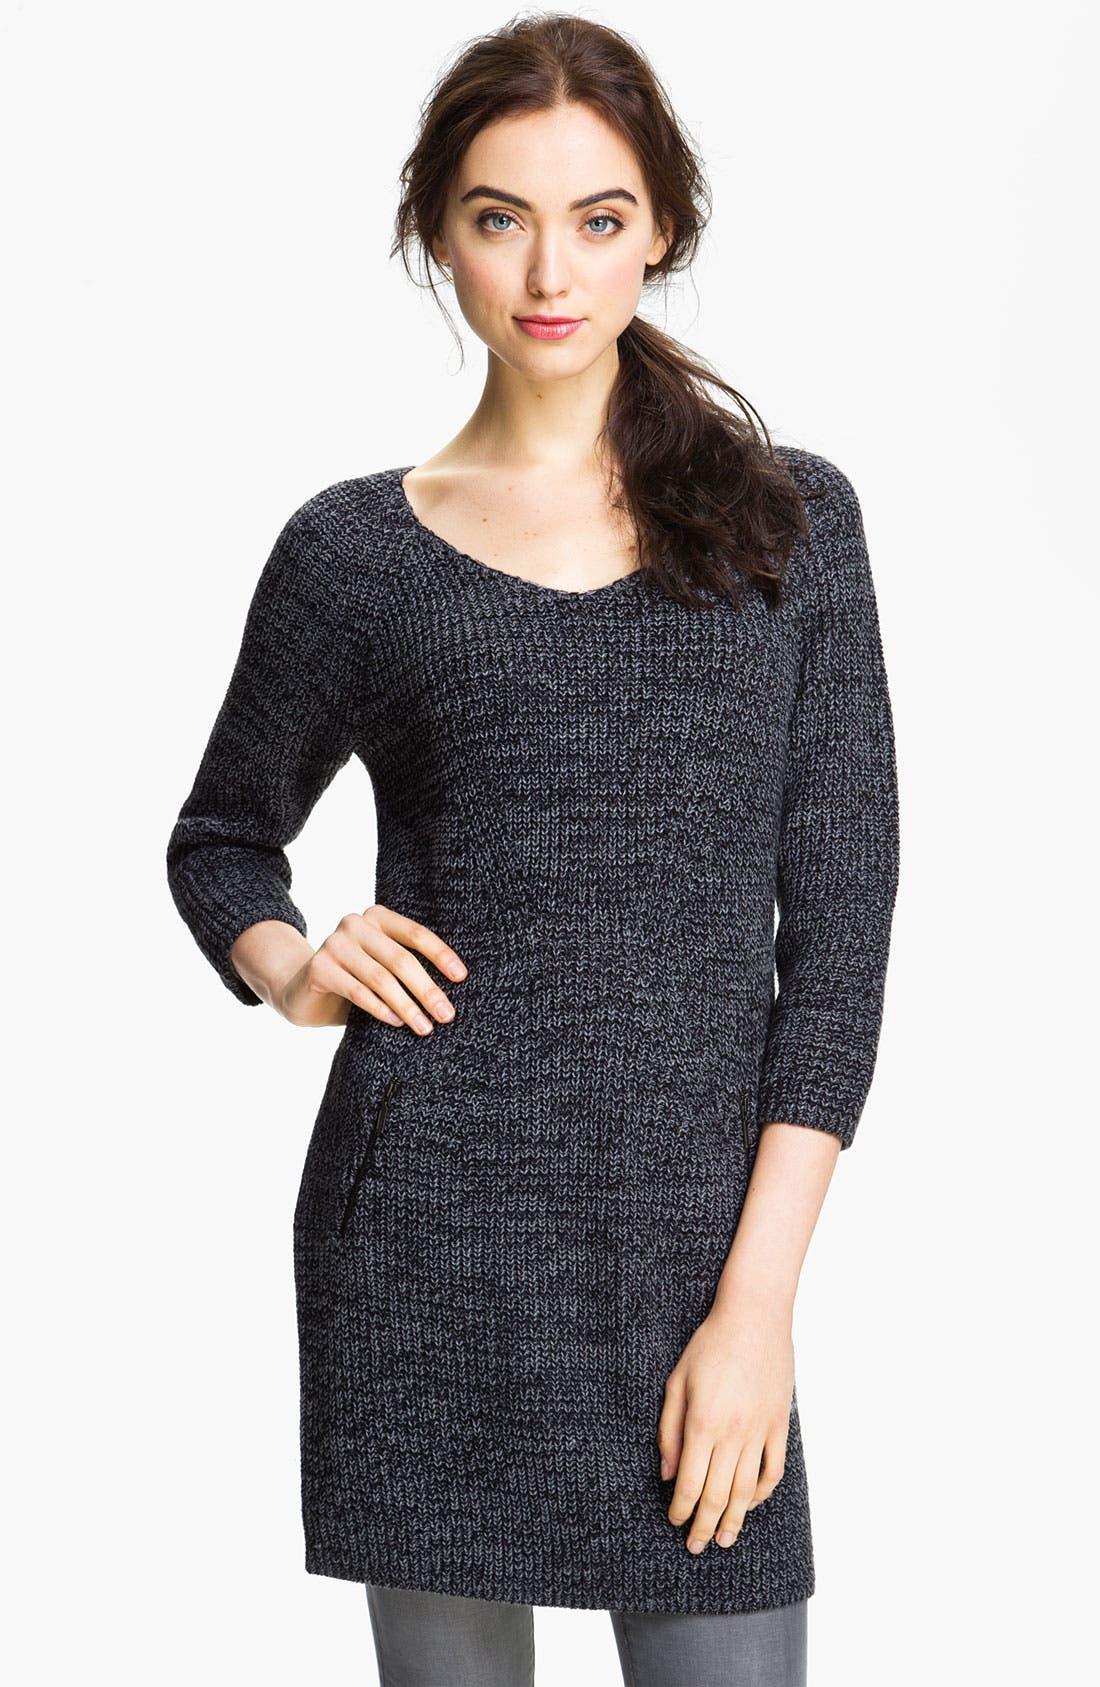 Main Image - Caslon® Shaker Stitch Sweater Dress